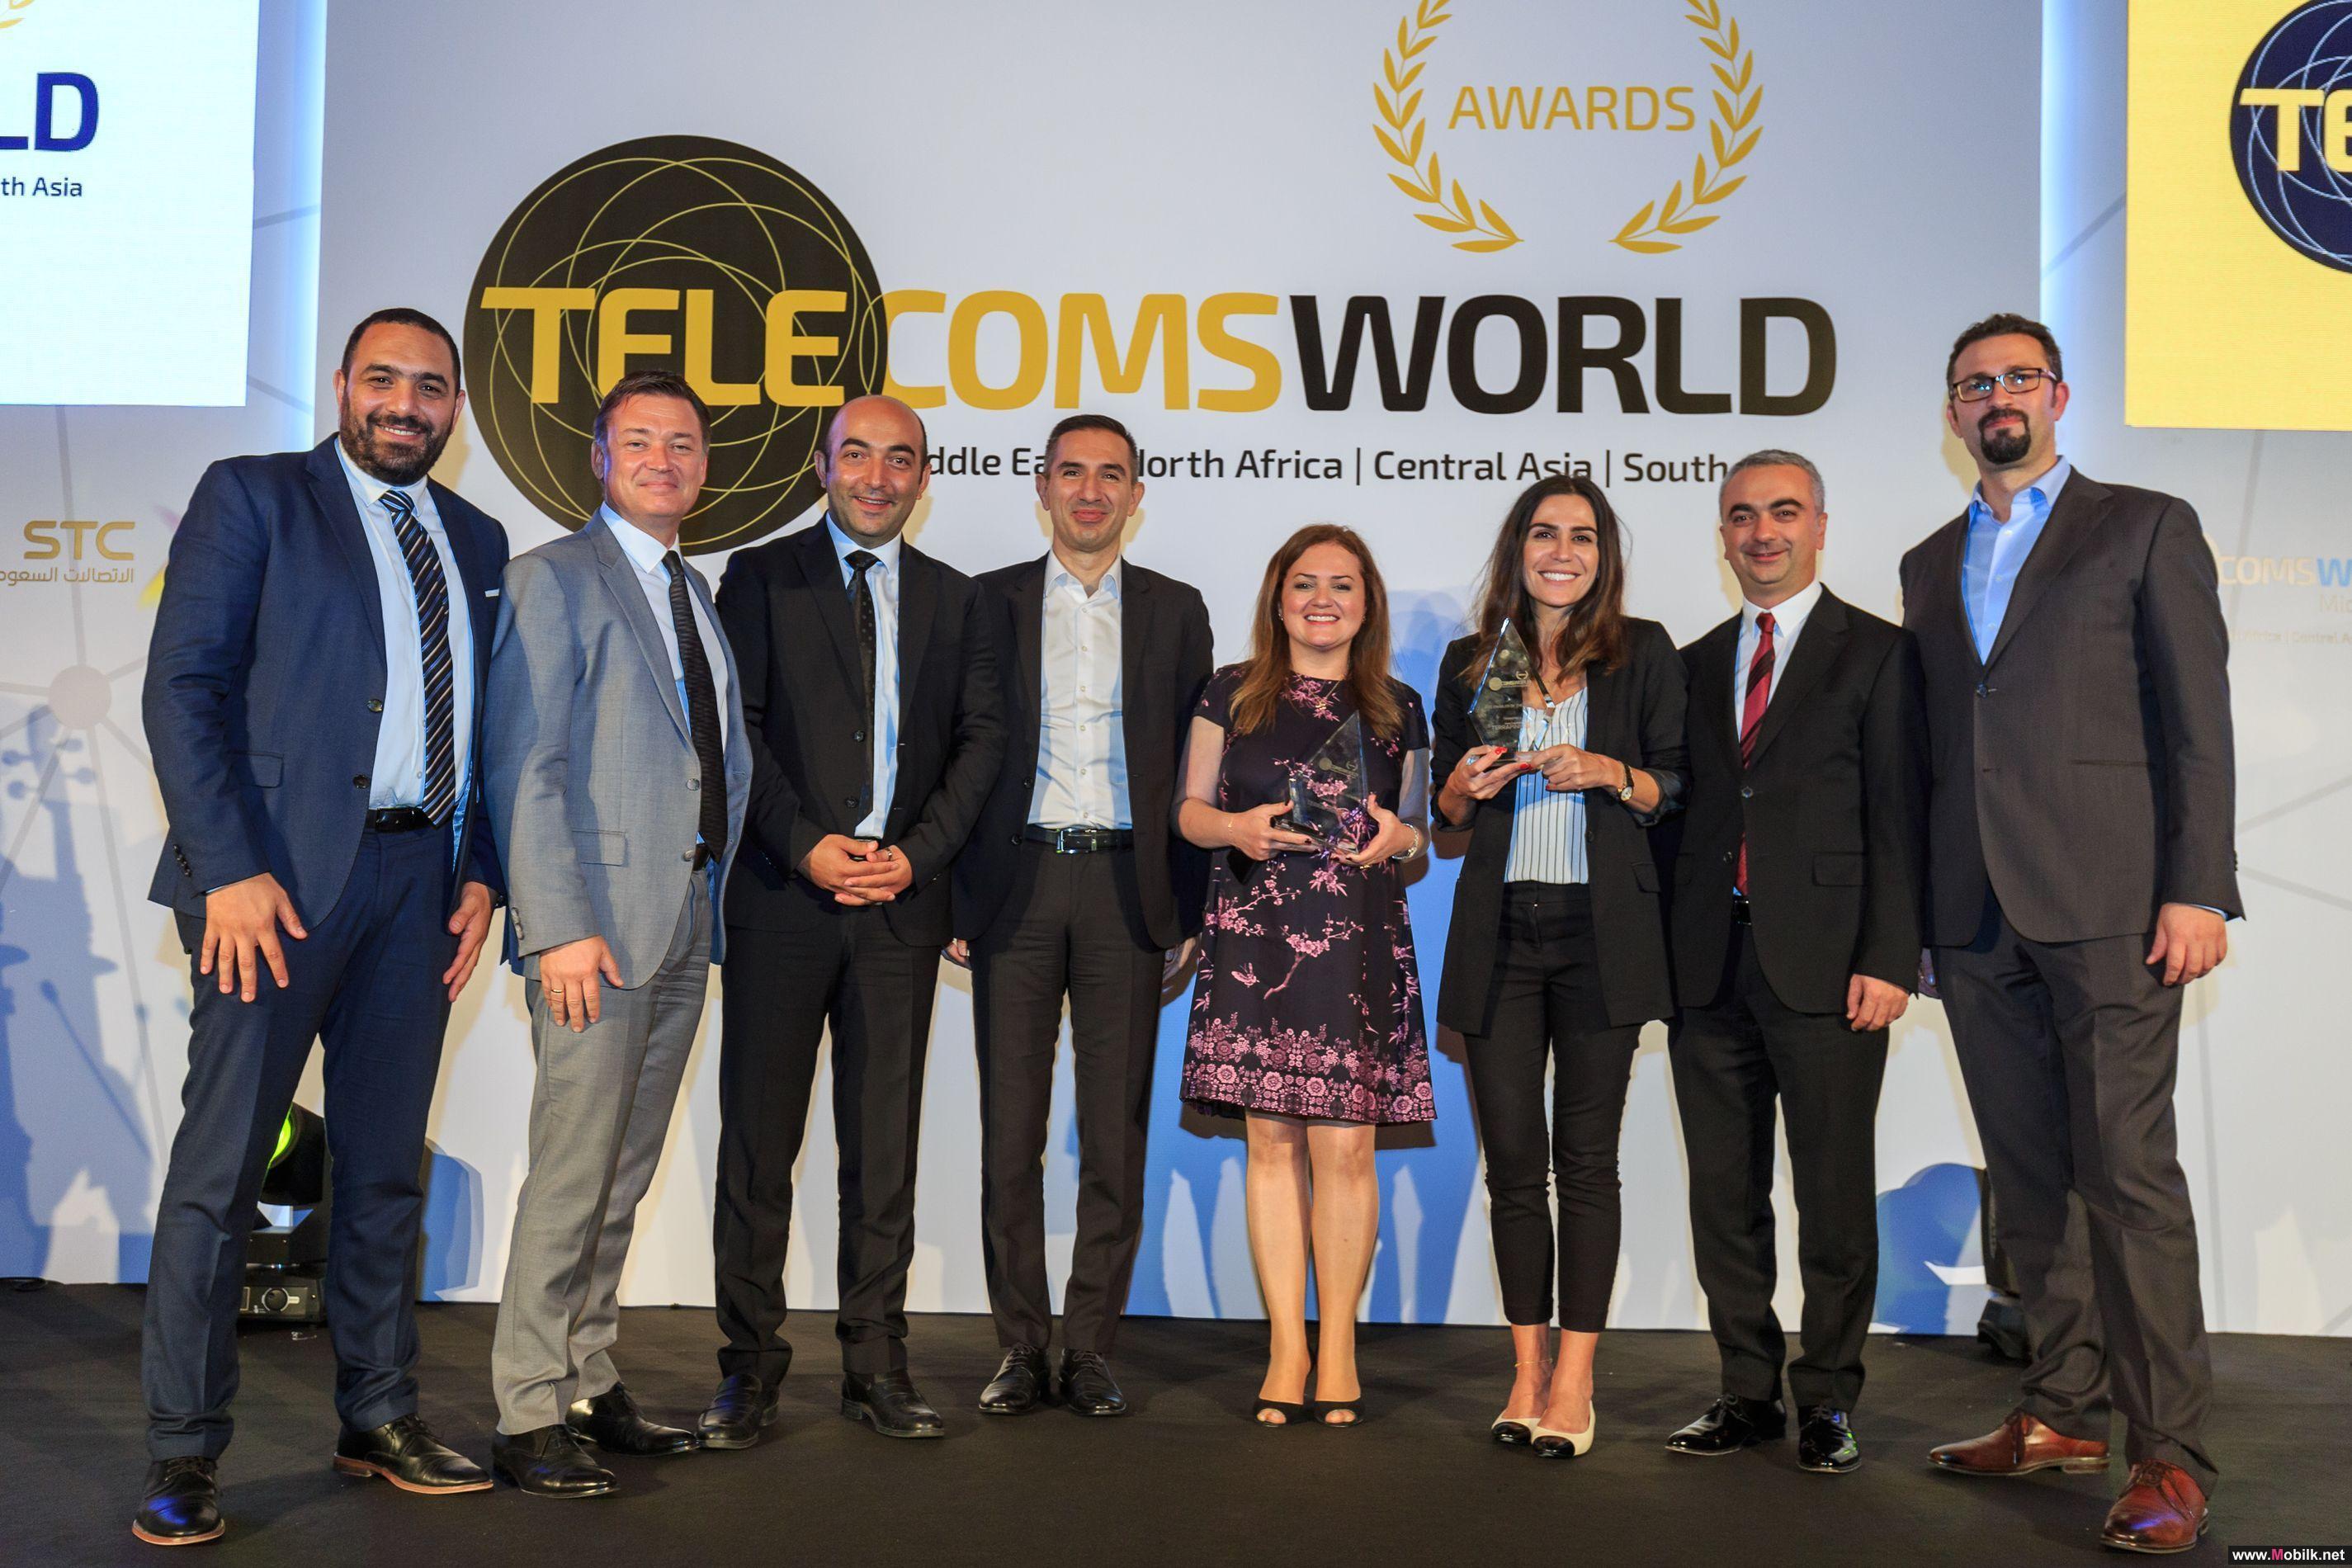 اريكسون تفوز بجائزة الشركة المبتكرة لتقنية الجيل الخامس لعام 2018